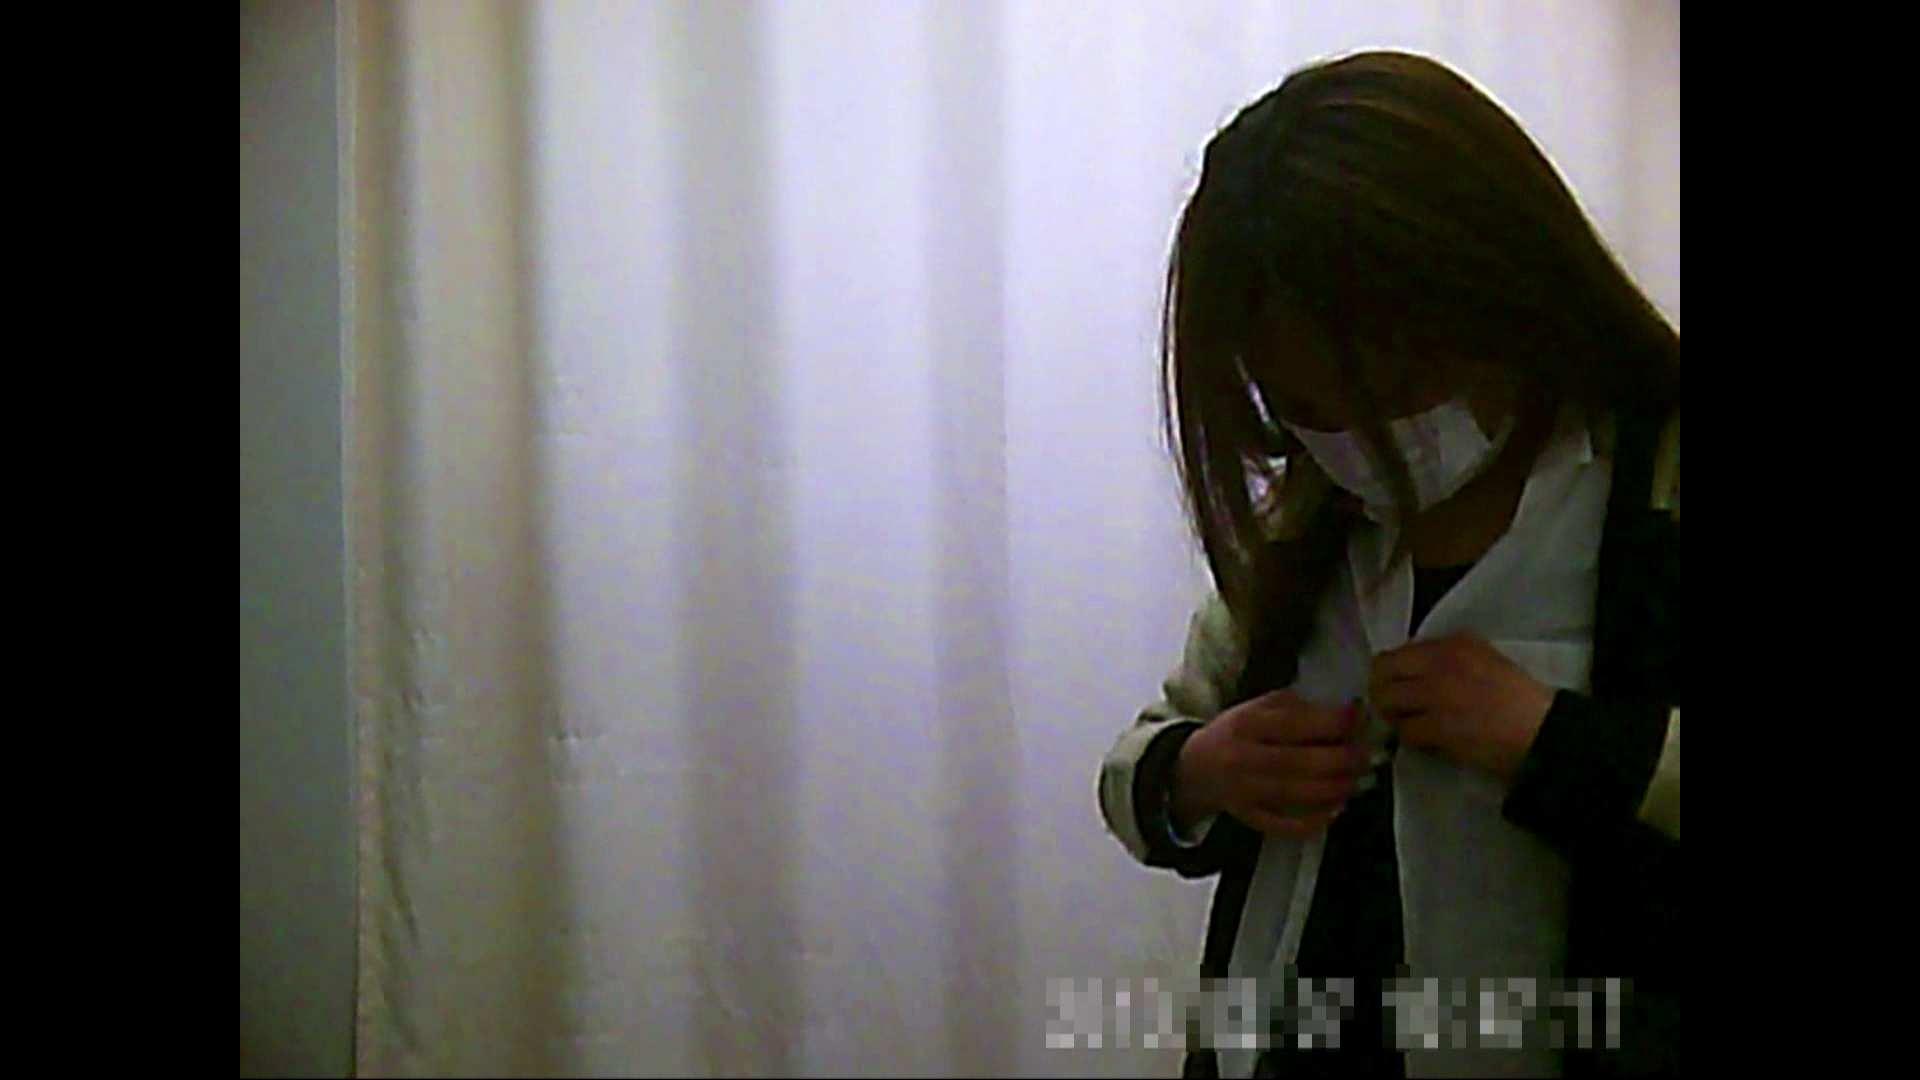 無修正エロ動画:元医者による反抗 更衣室地獄絵巻 vol.149:怪盗ジョーカー